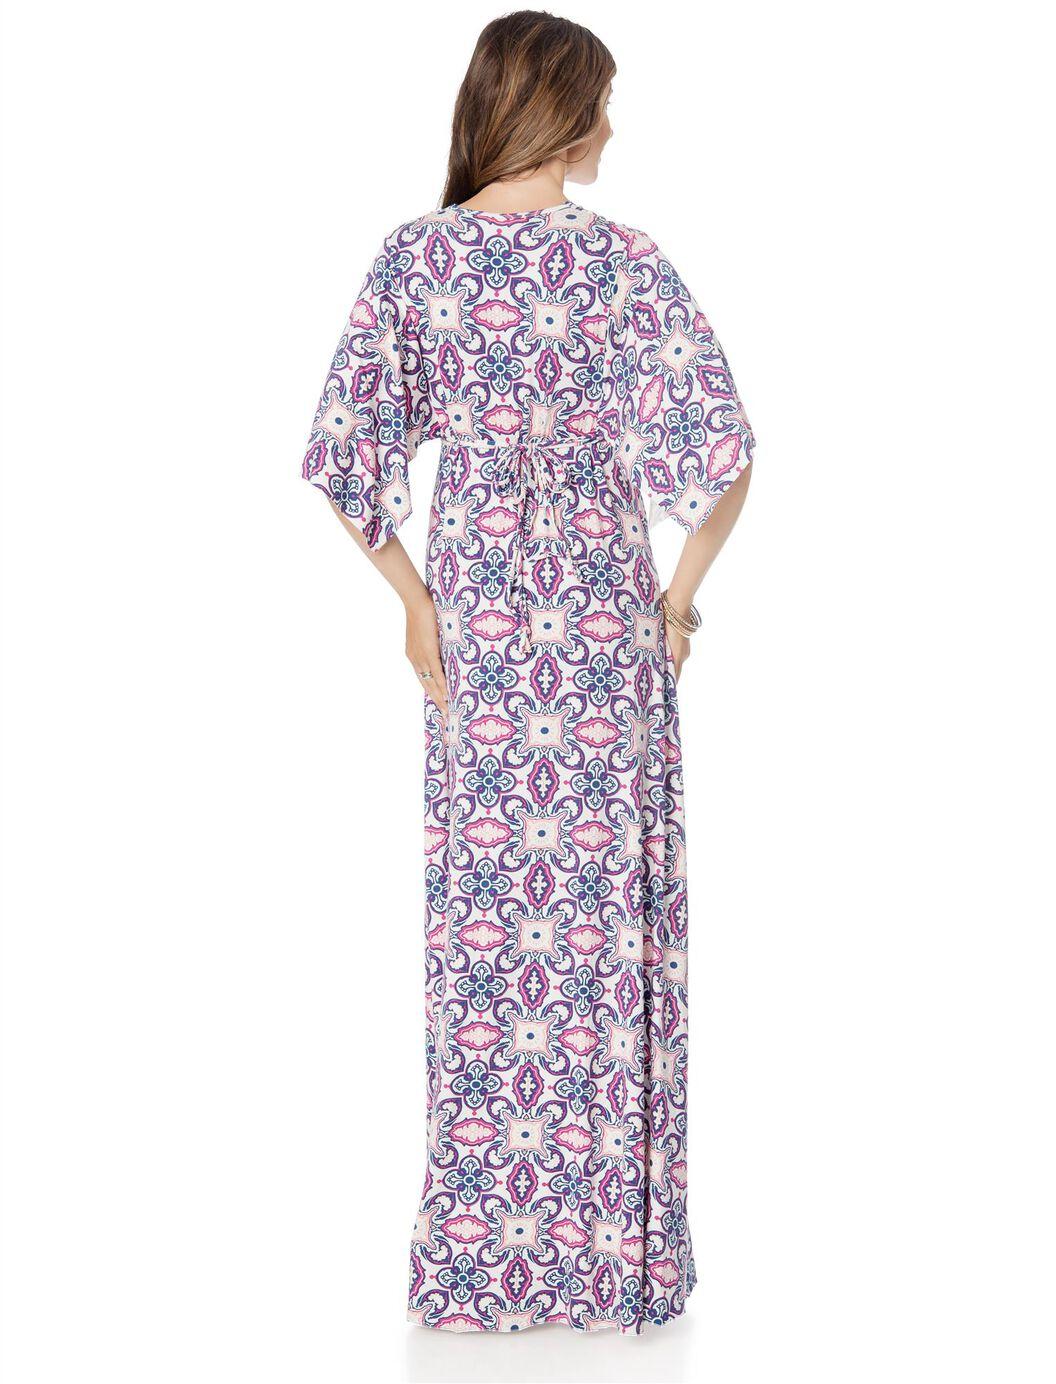 Rachel pally caftan maternity dress a pea in the pod maternity rachel pally caftan maternity dress jubilee bandana ombrellifo Images